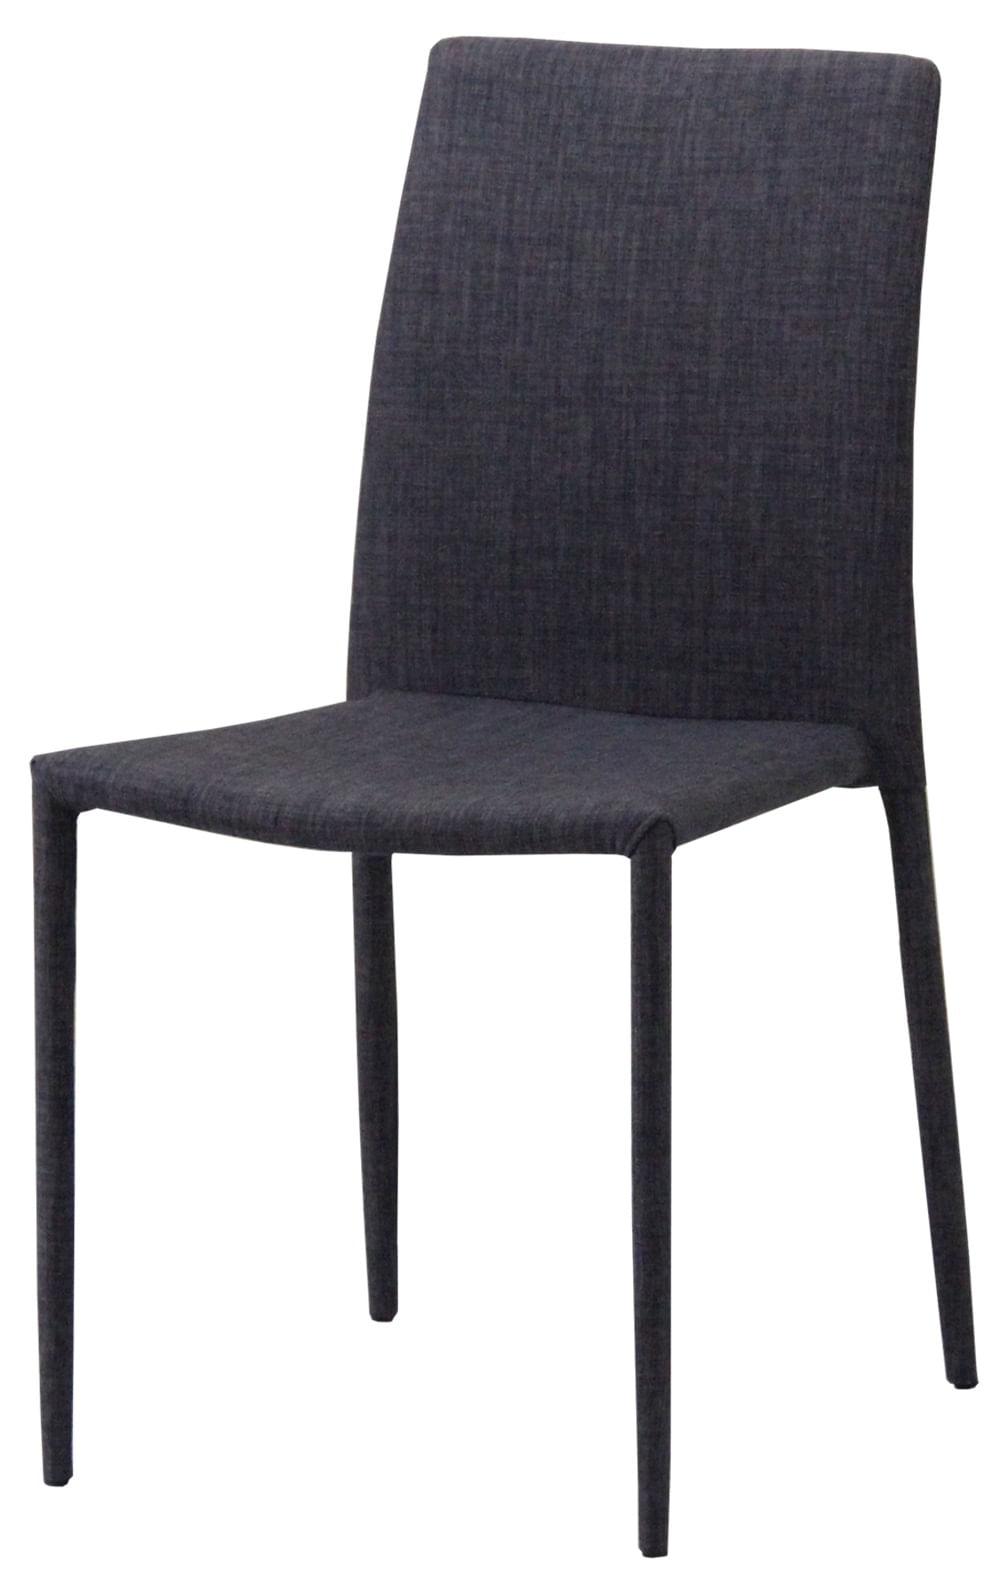 Cadeira Indonesia Estofada Tecido Sintetico Marrom - 30747